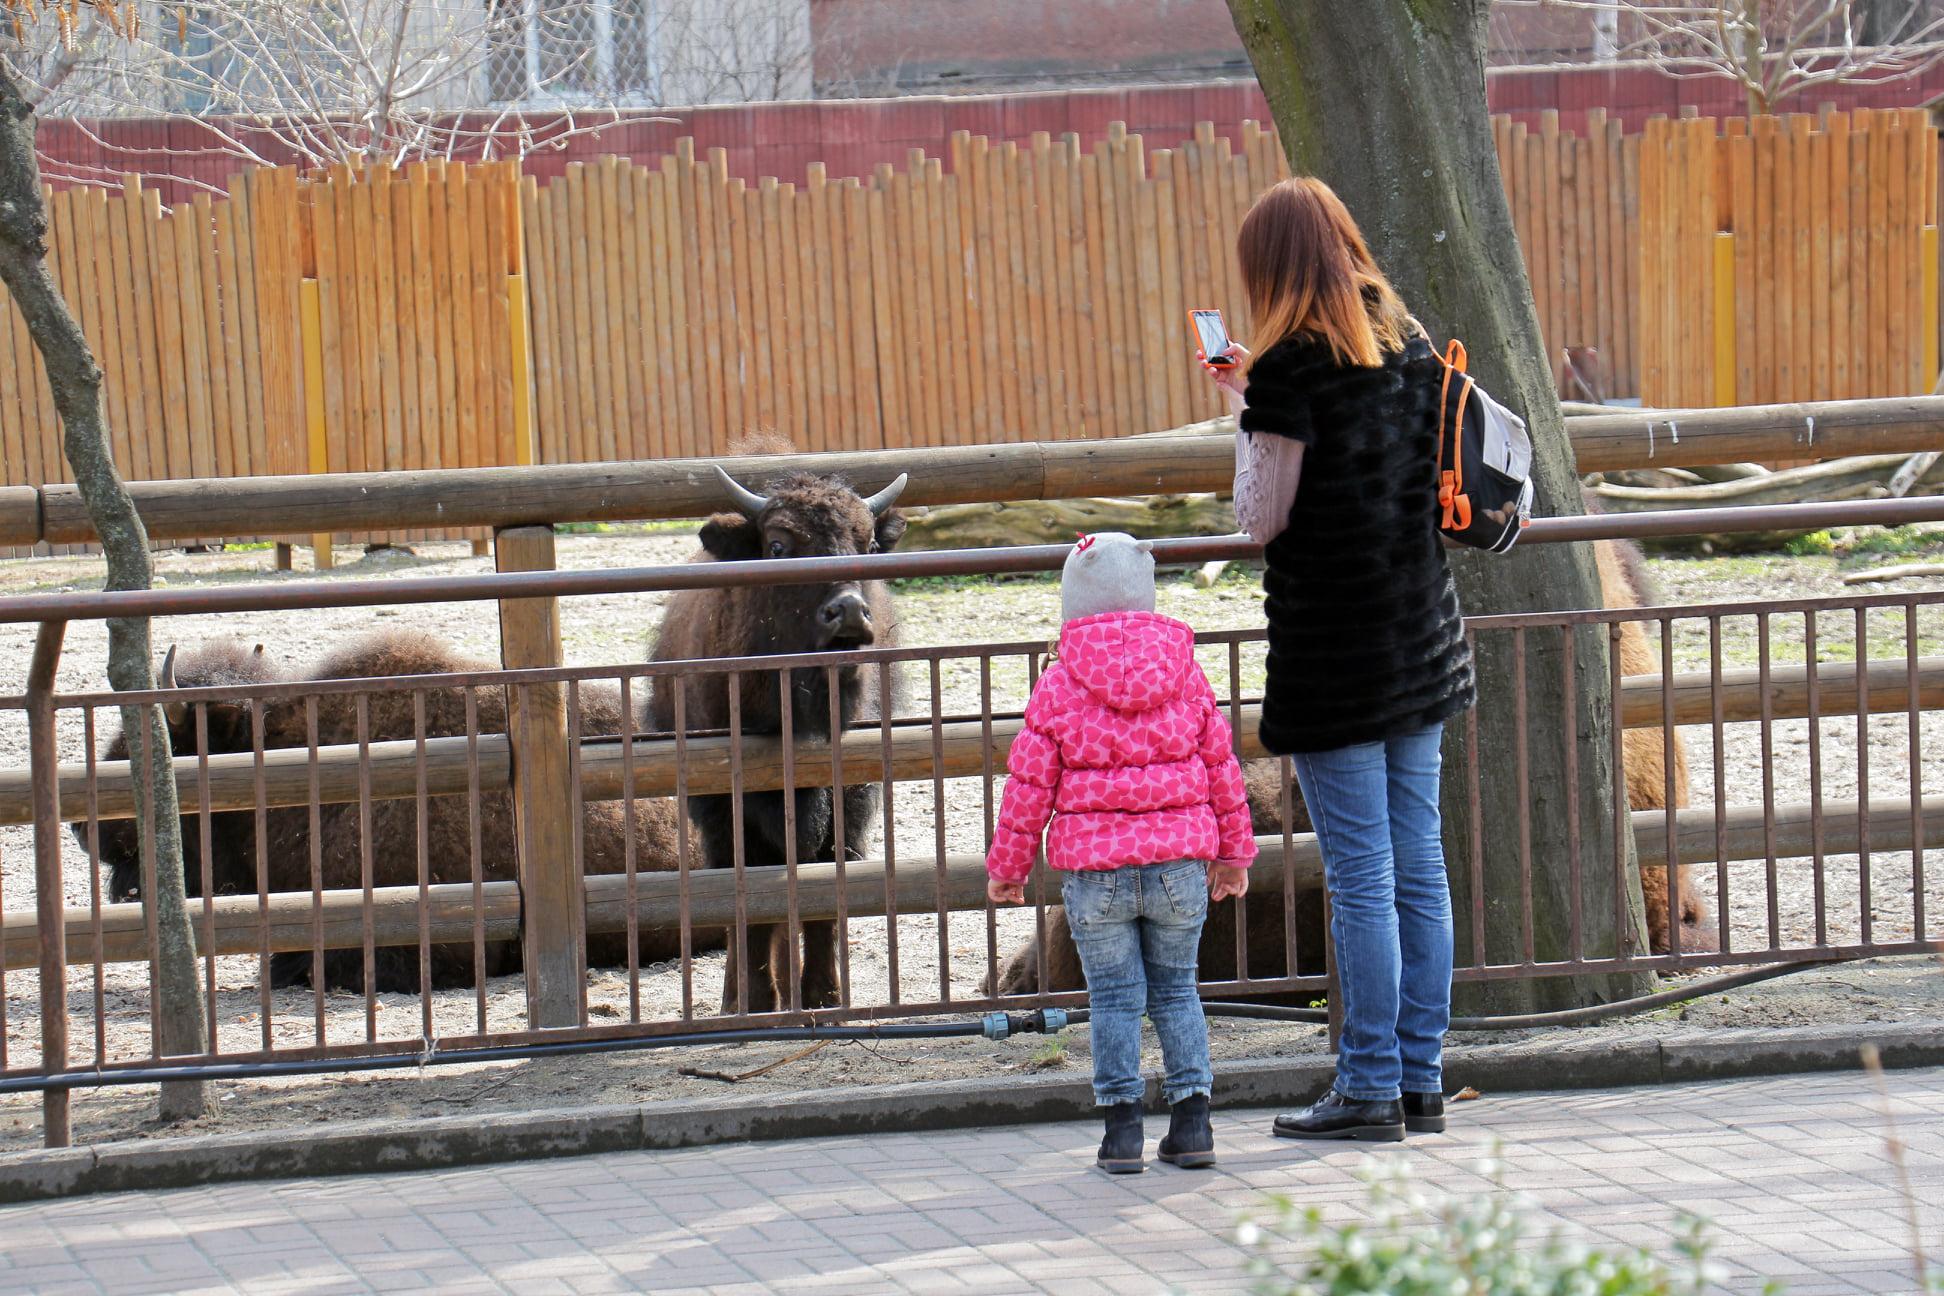 На час локдауну відвідування Київського зоопарку буде дешевшим - Тварини, локдаун, зоопарк - 139119263 3737412102968622 2708013524124619337 o